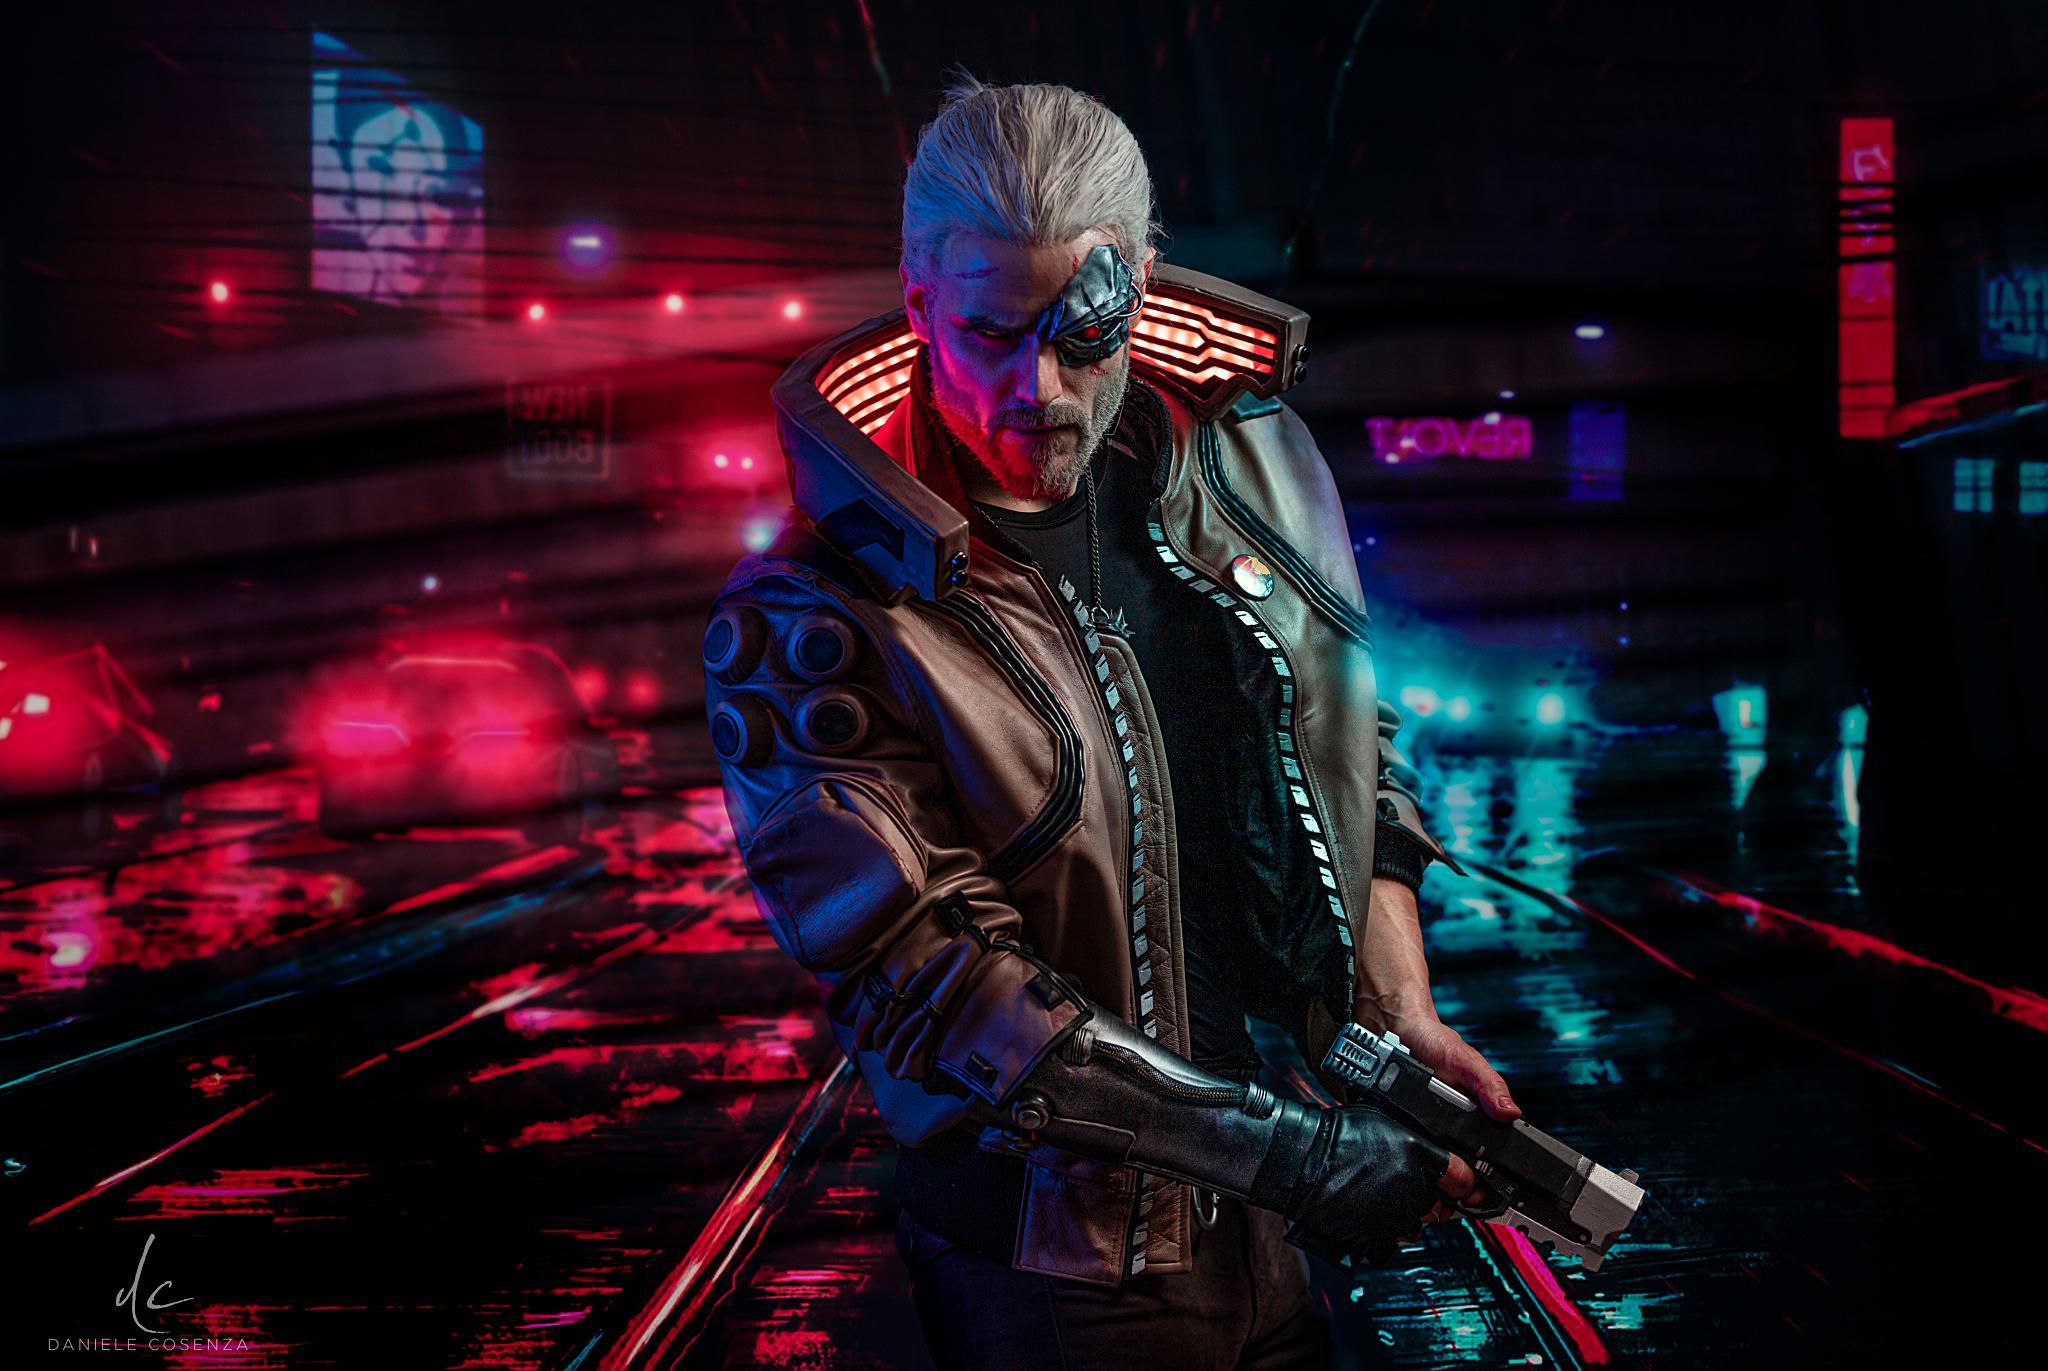 《赛博朋克2077》X《巫师》混搭COS展示未来版杰洛特